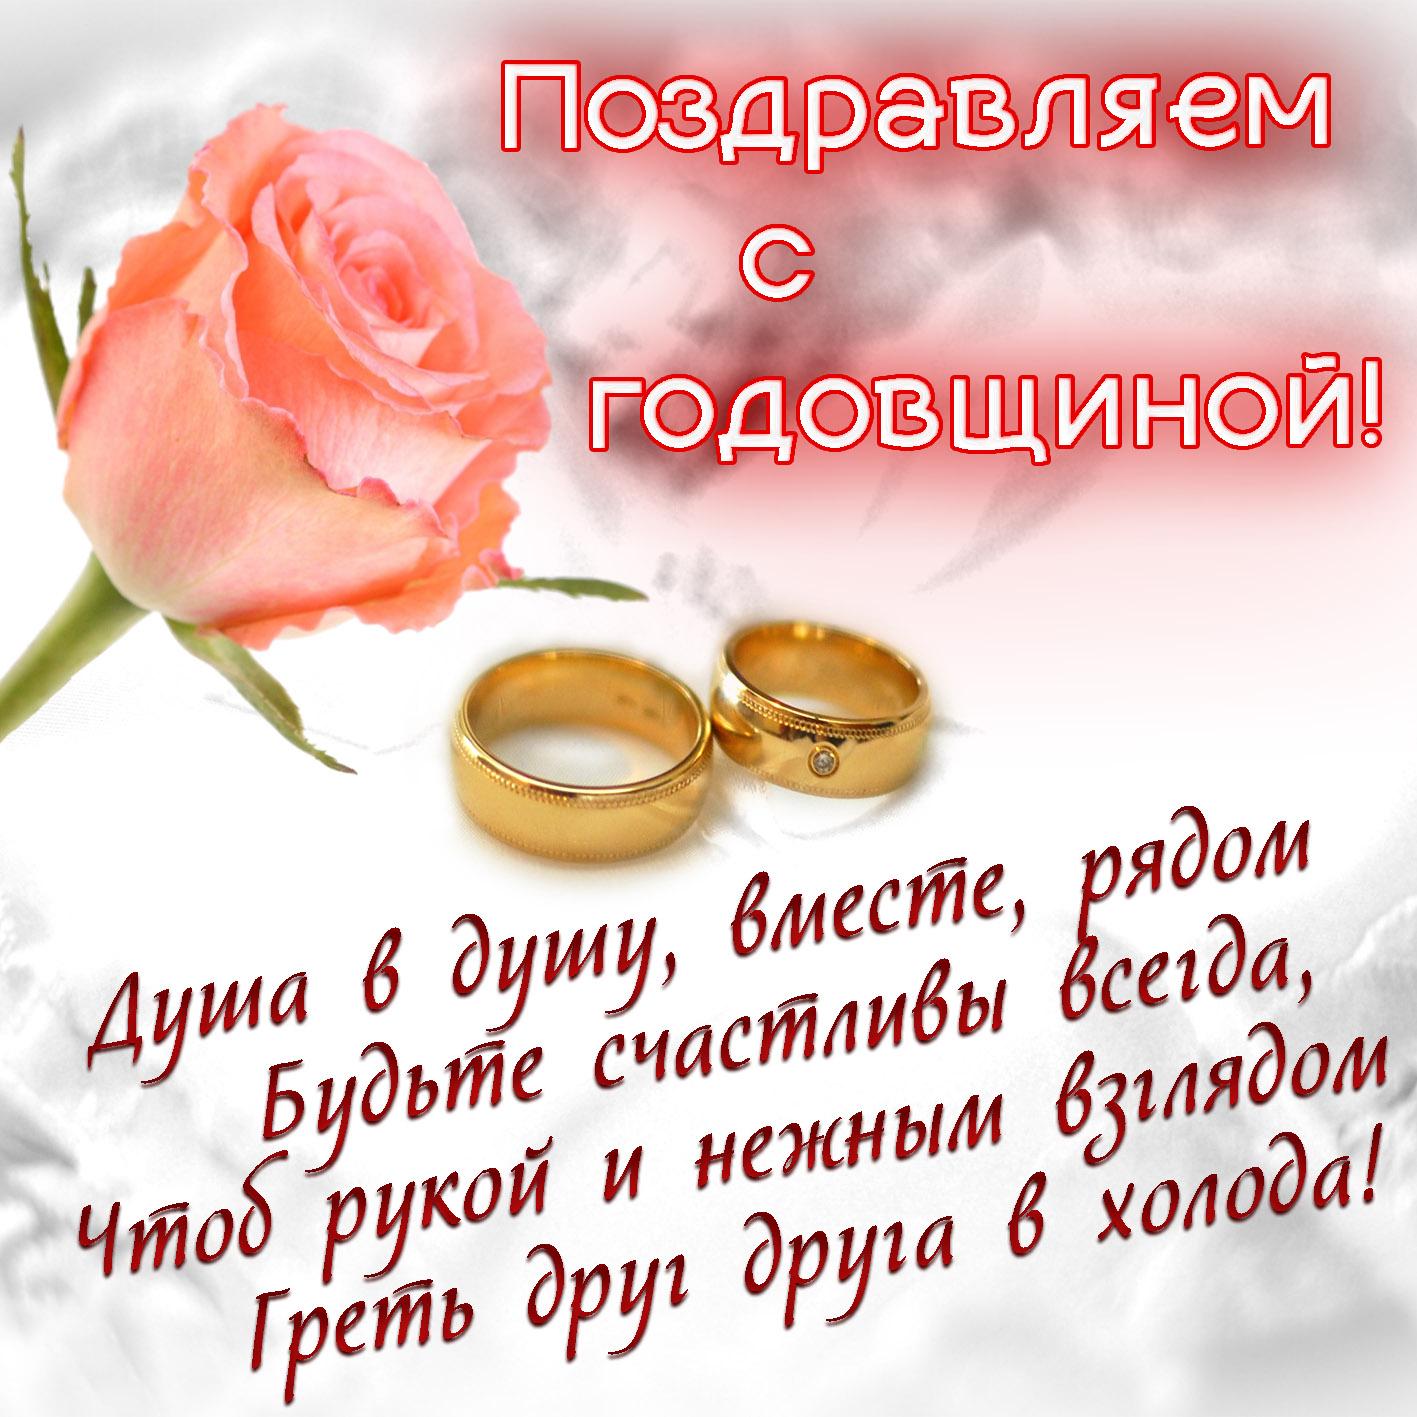 Поздравления брату на юбилей свадьбы